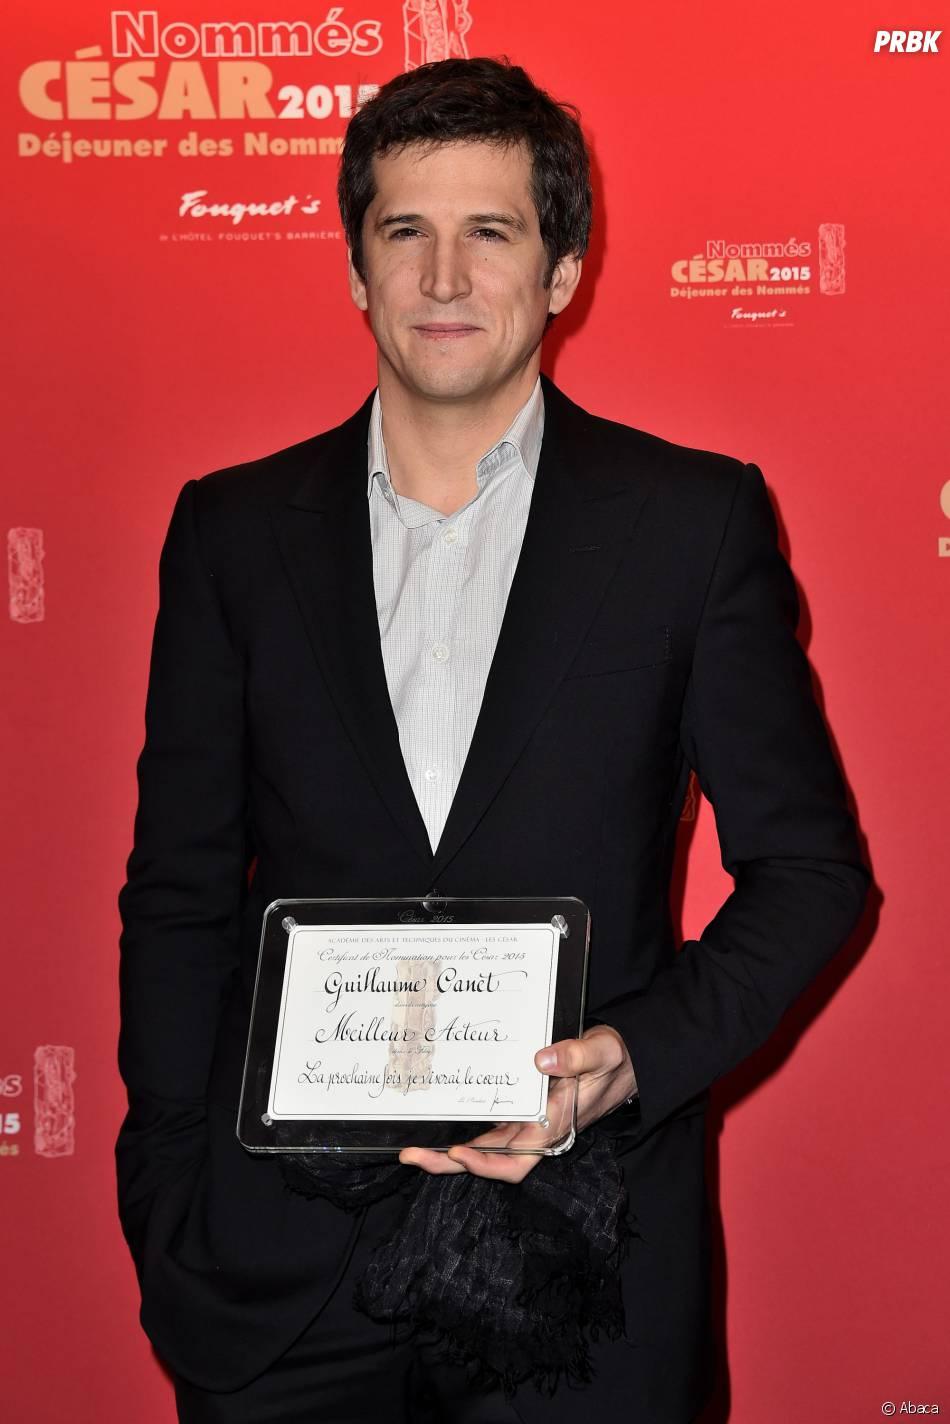 Guillaume Canet au déjeuner des nommés des César 2015 le 7 février à Paris